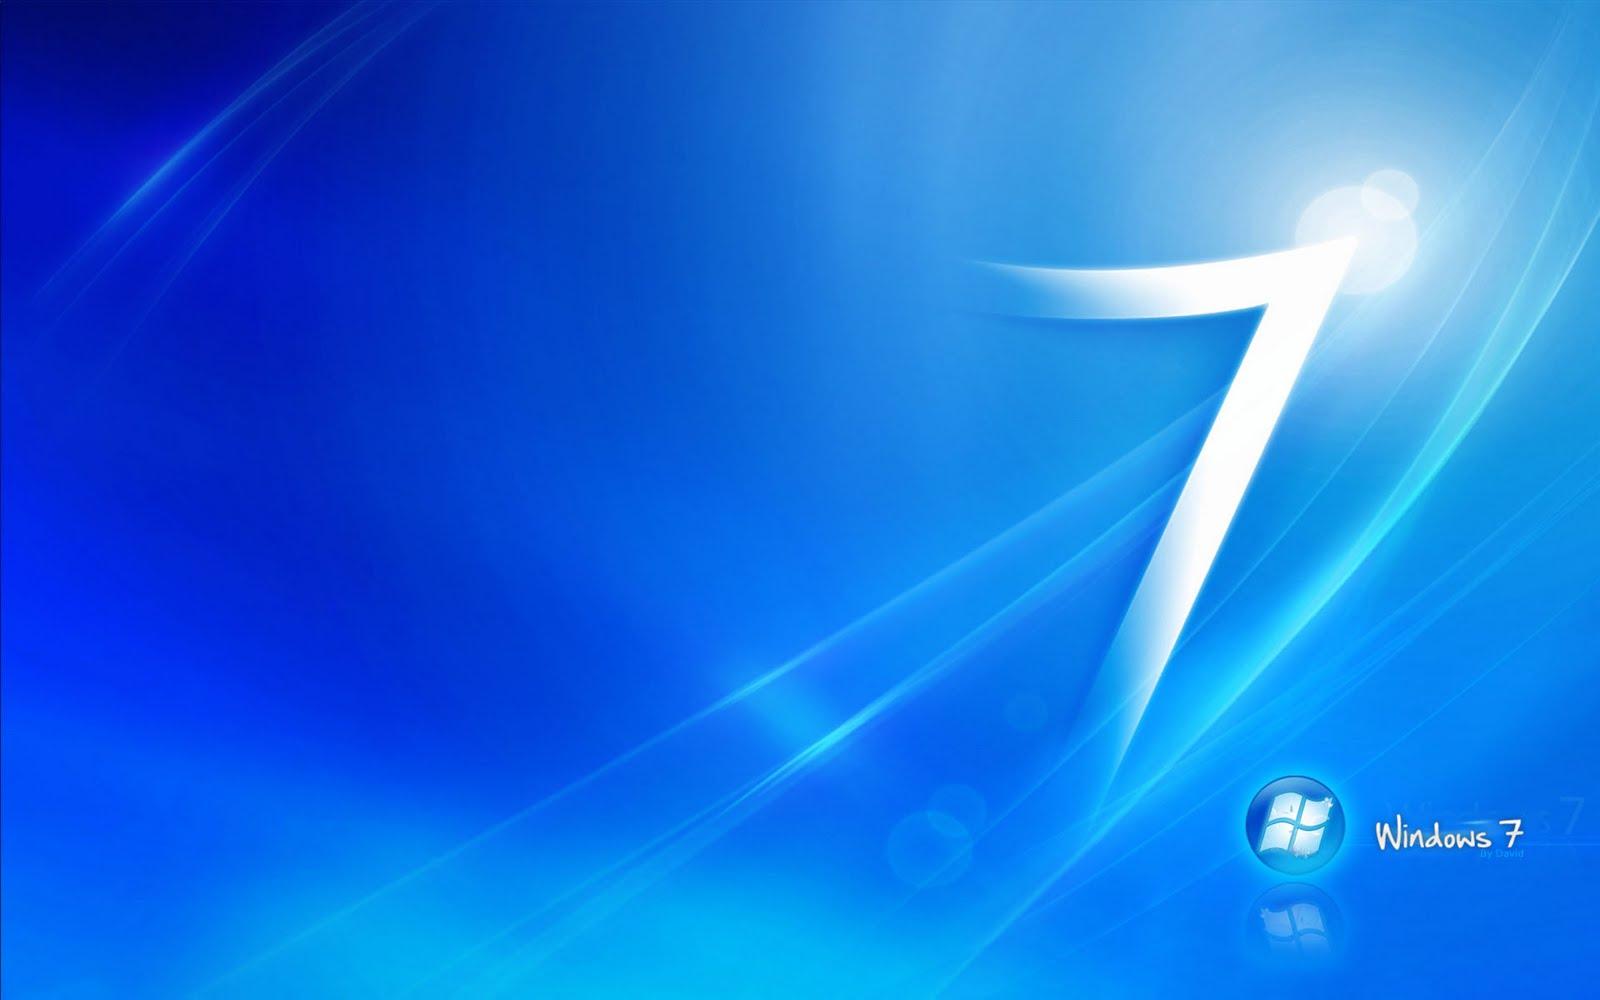 http://4.bp.blogspot.com/-MliTmYRiG6M/Th1-xWMvw9I/AAAAAAAAMBI/CNdxSJJIat0/s1600/windows-7-wallpaper-18.jpg